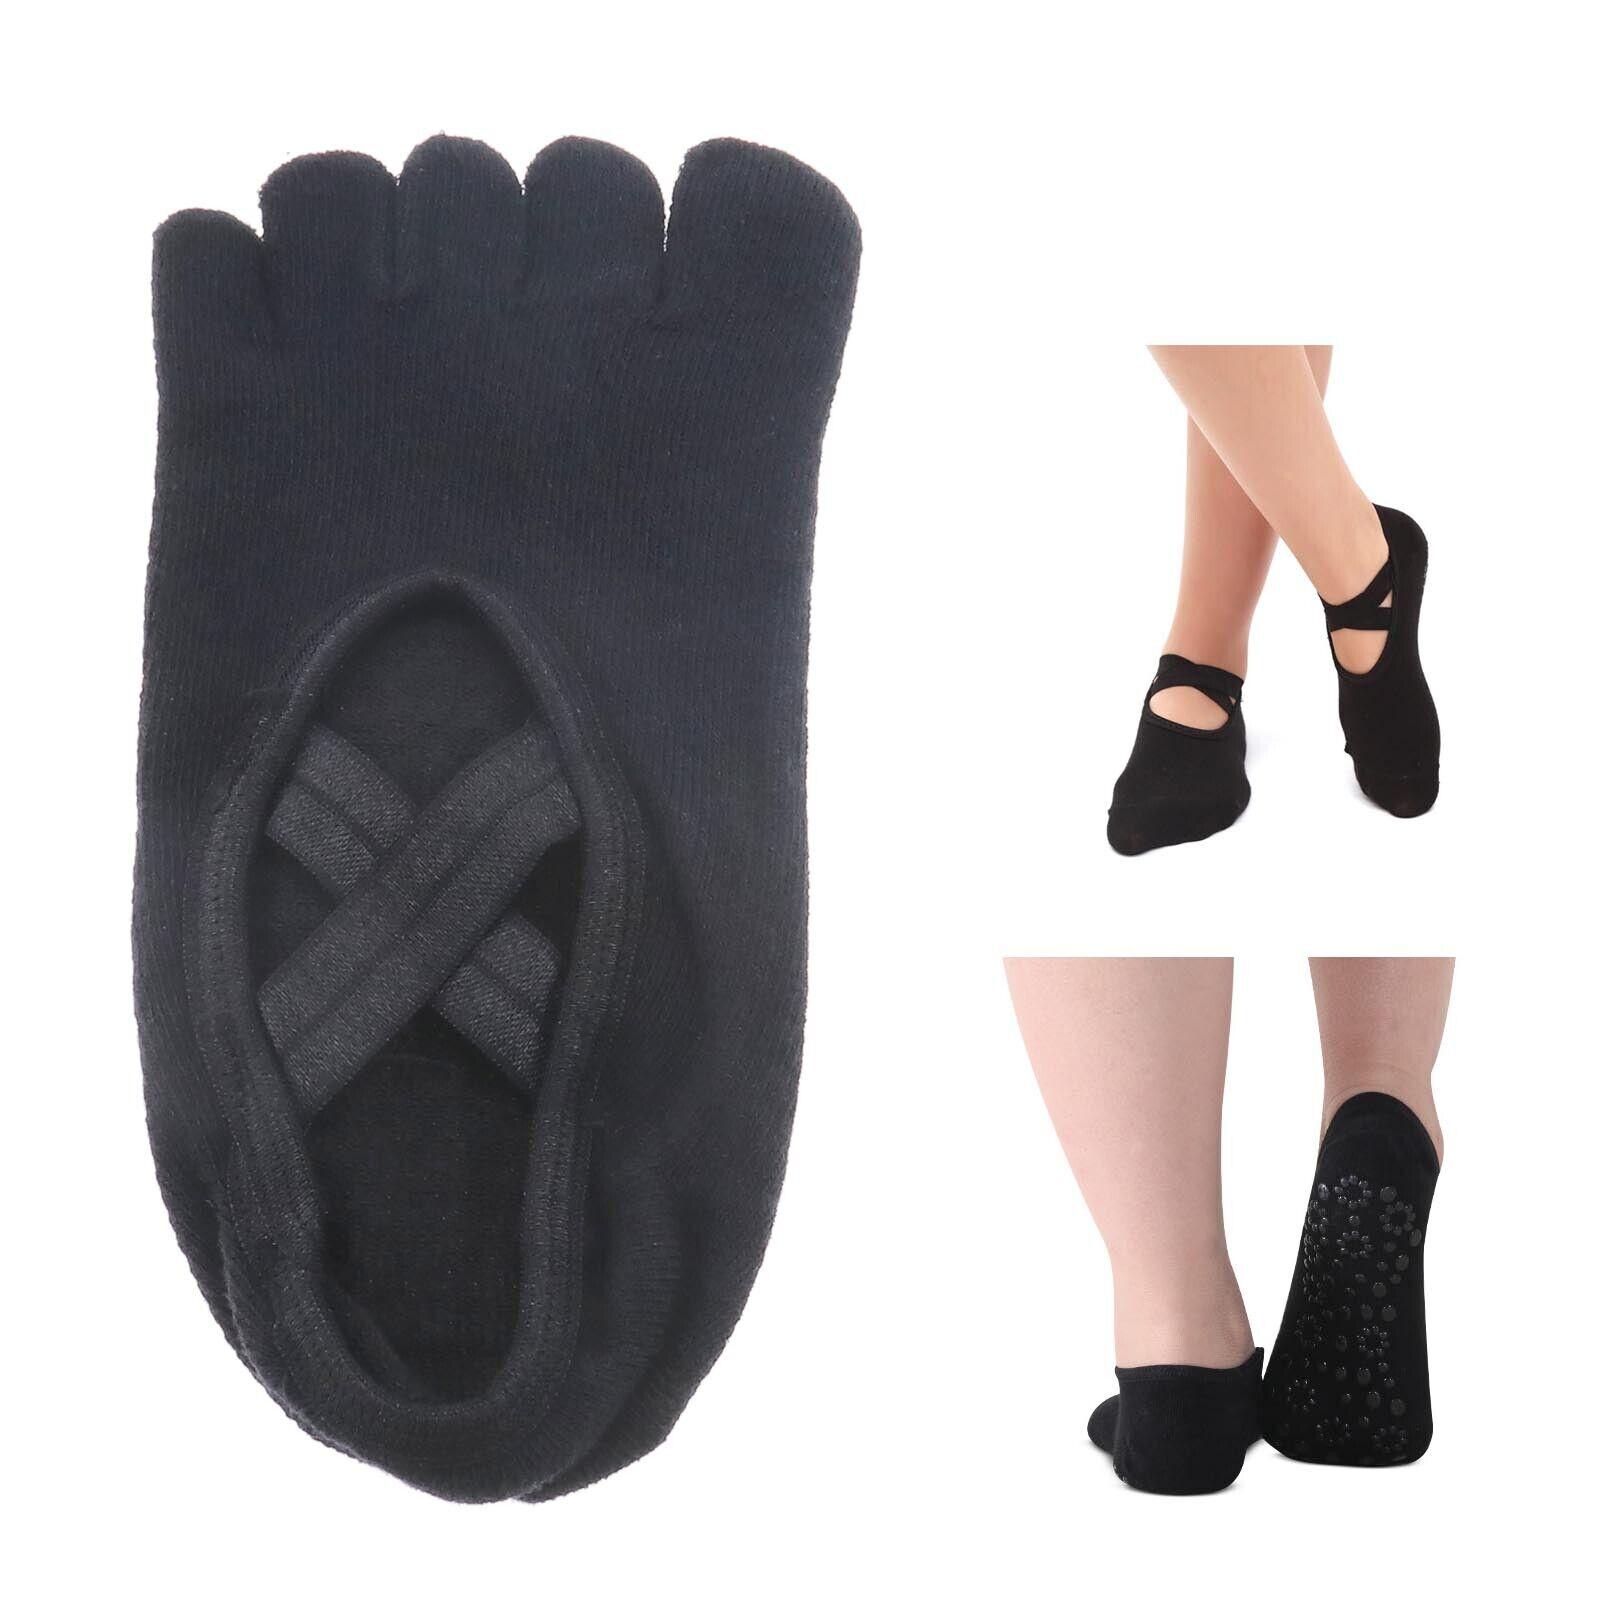 für Pilates Outdoor 2 Paar Anti-Rutsch Yoga 5 Zehen Socken Set Grau+Schwarz